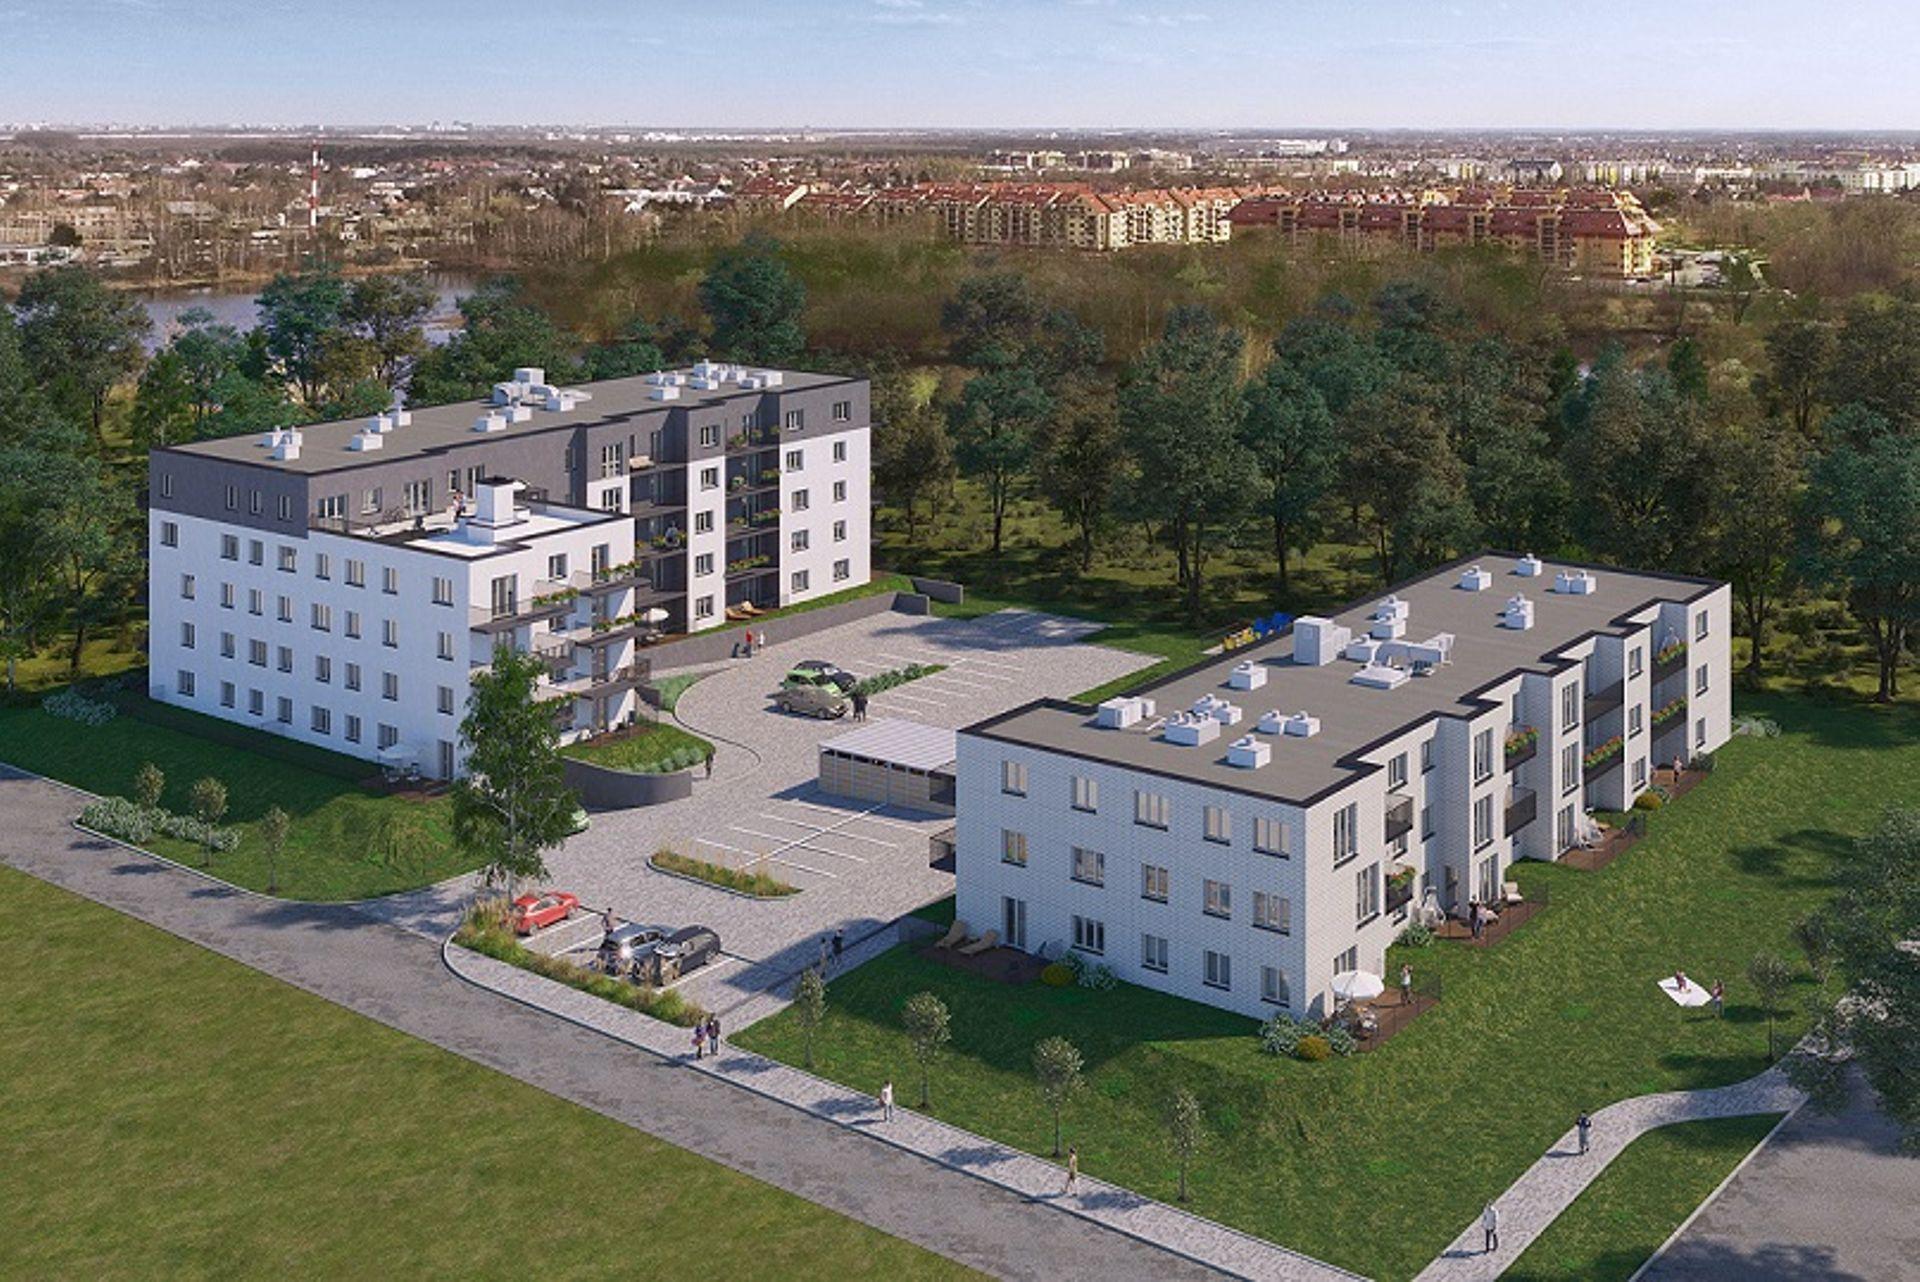 Wrocław: Idylla – funkcjonalne mieszkania w rajskiej okolicy